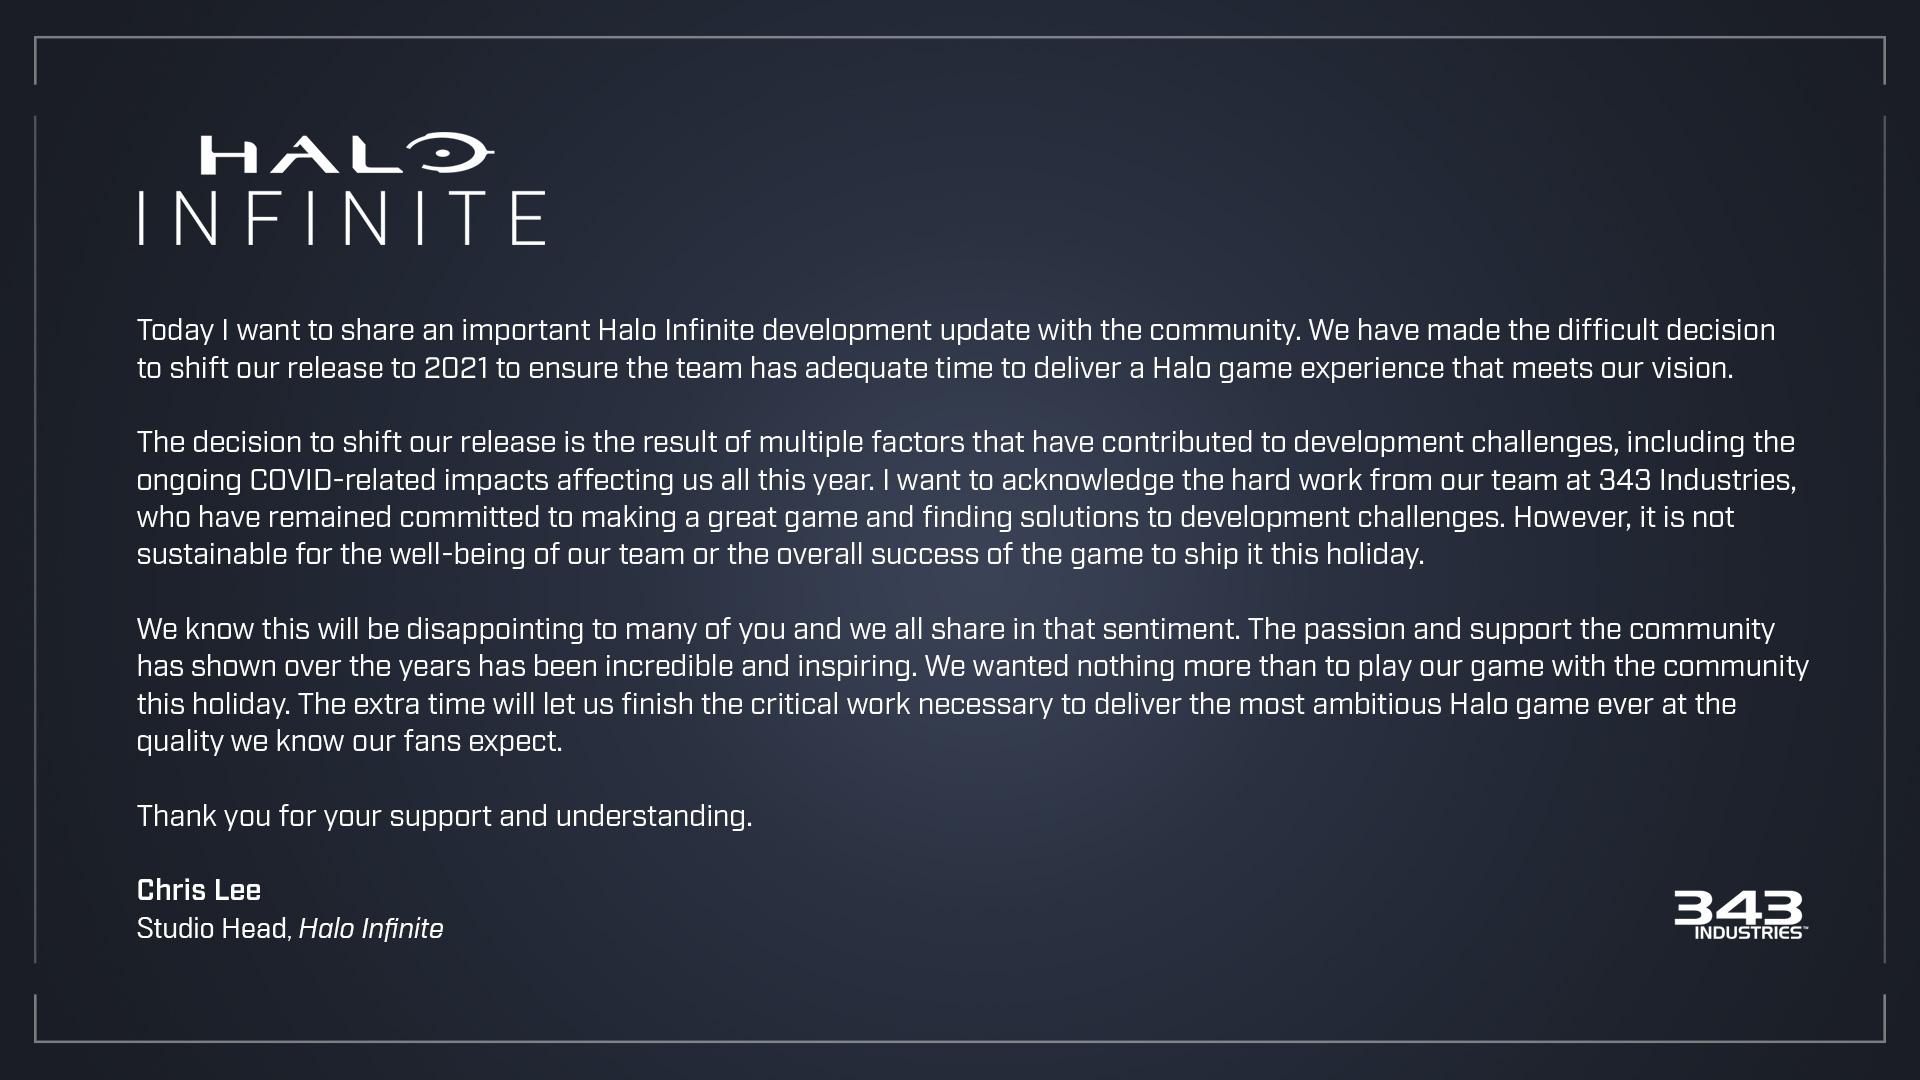 Разработчики перенесли Infinite, сославшись на пандемию коронавируса / twitter.com/Halo